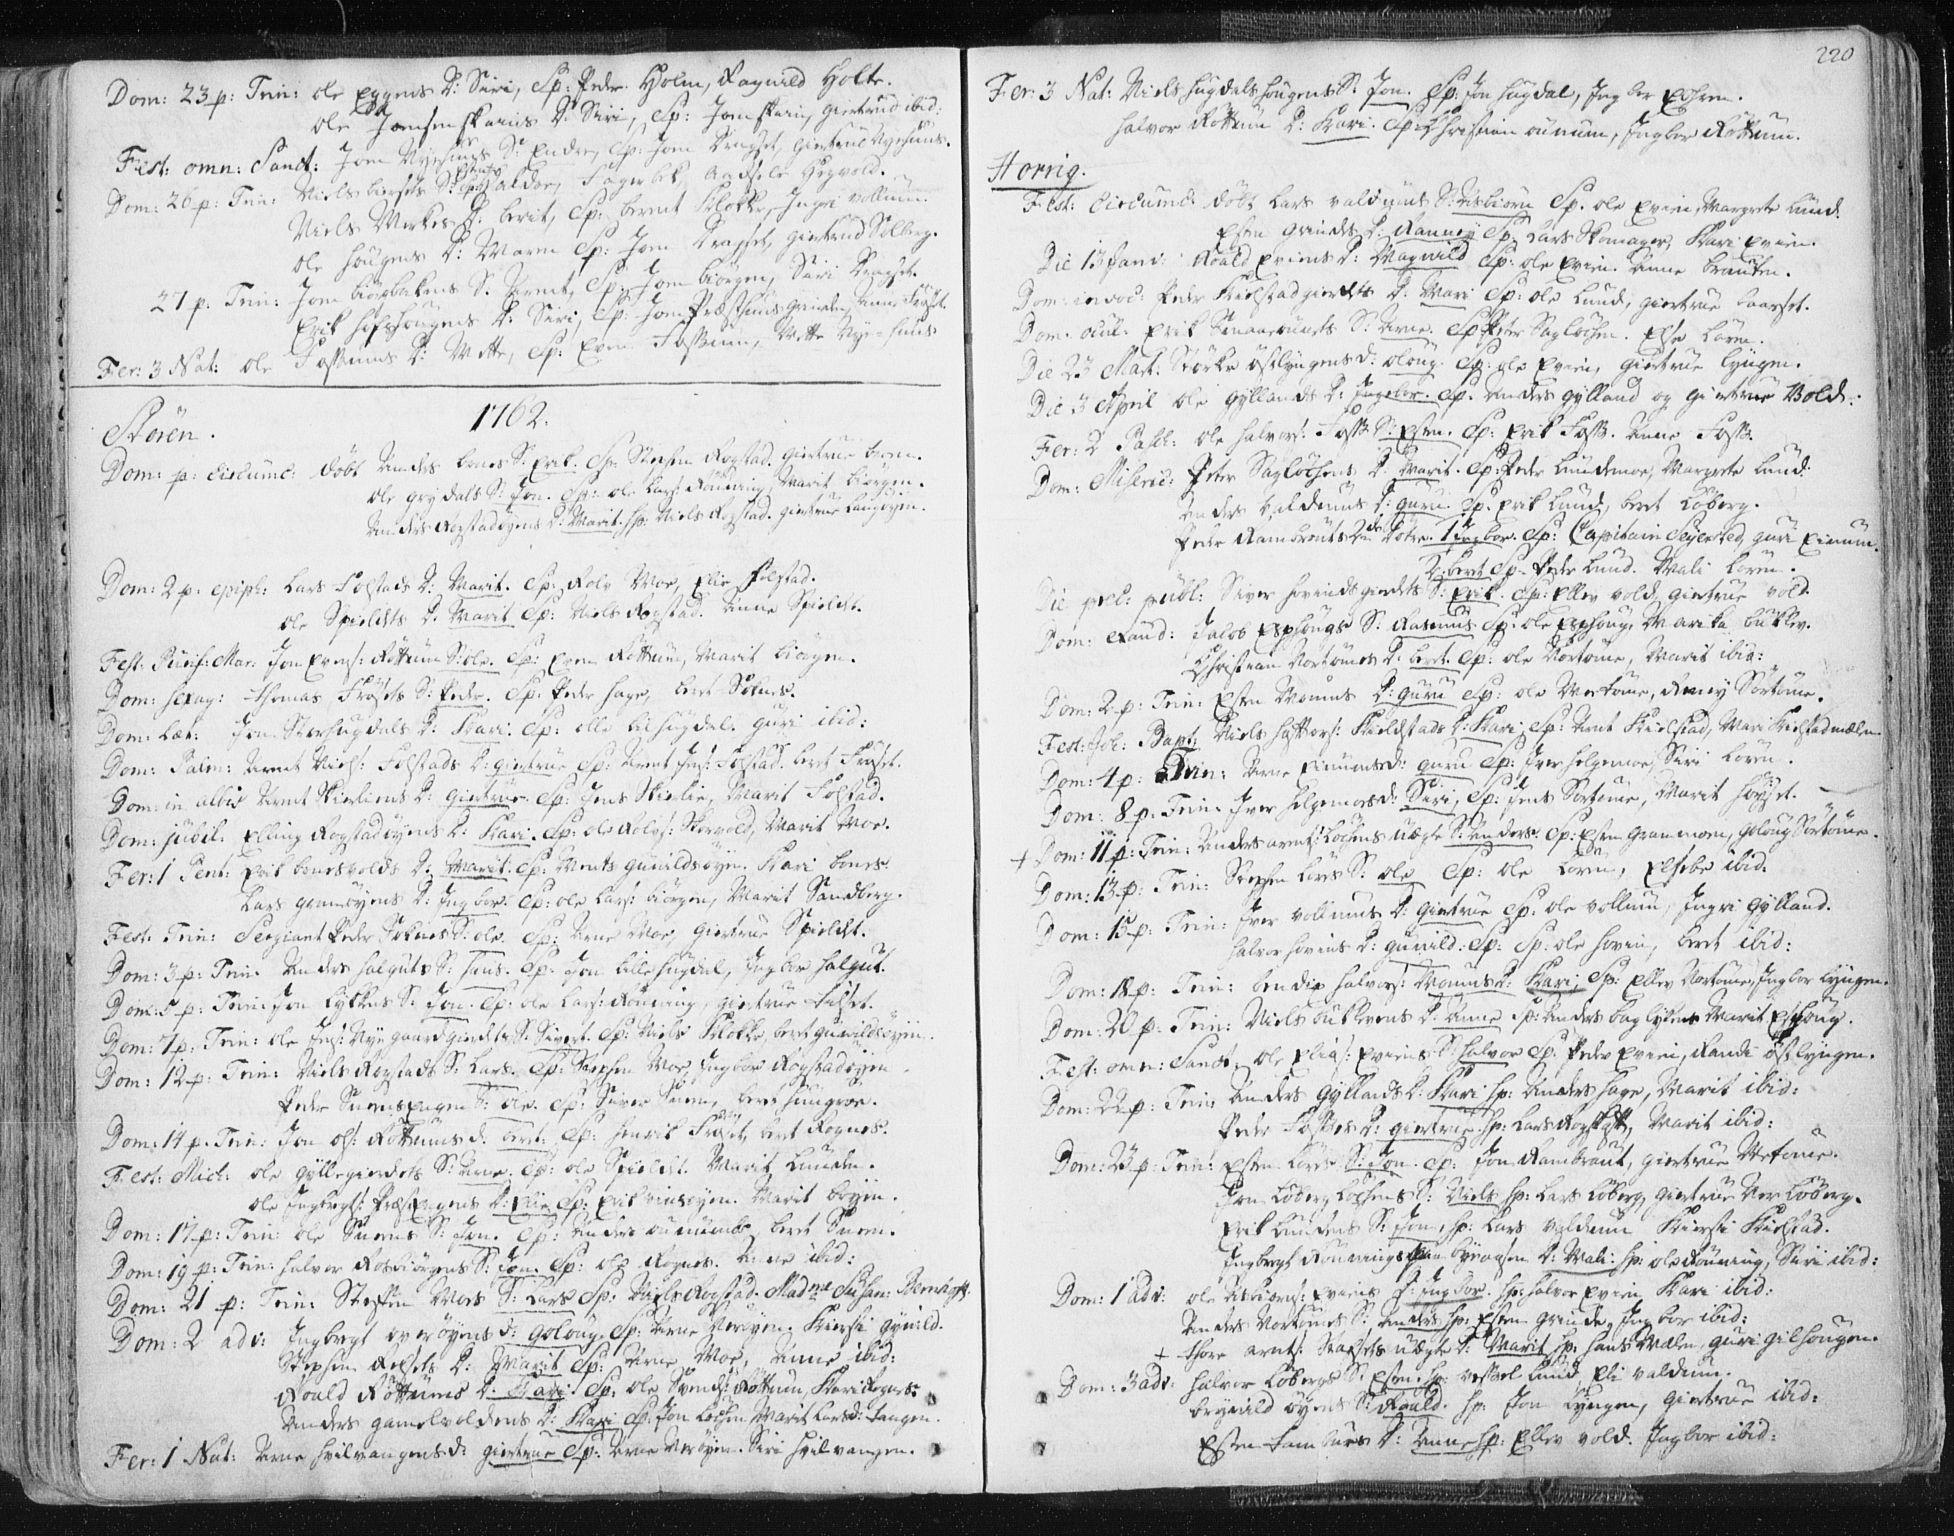 SAT, Ministerialprotokoller, klokkerbøker og fødselsregistre - Sør-Trøndelag, 687/L0991: Ministerialbok nr. 687A02, 1747-1790, s. 220